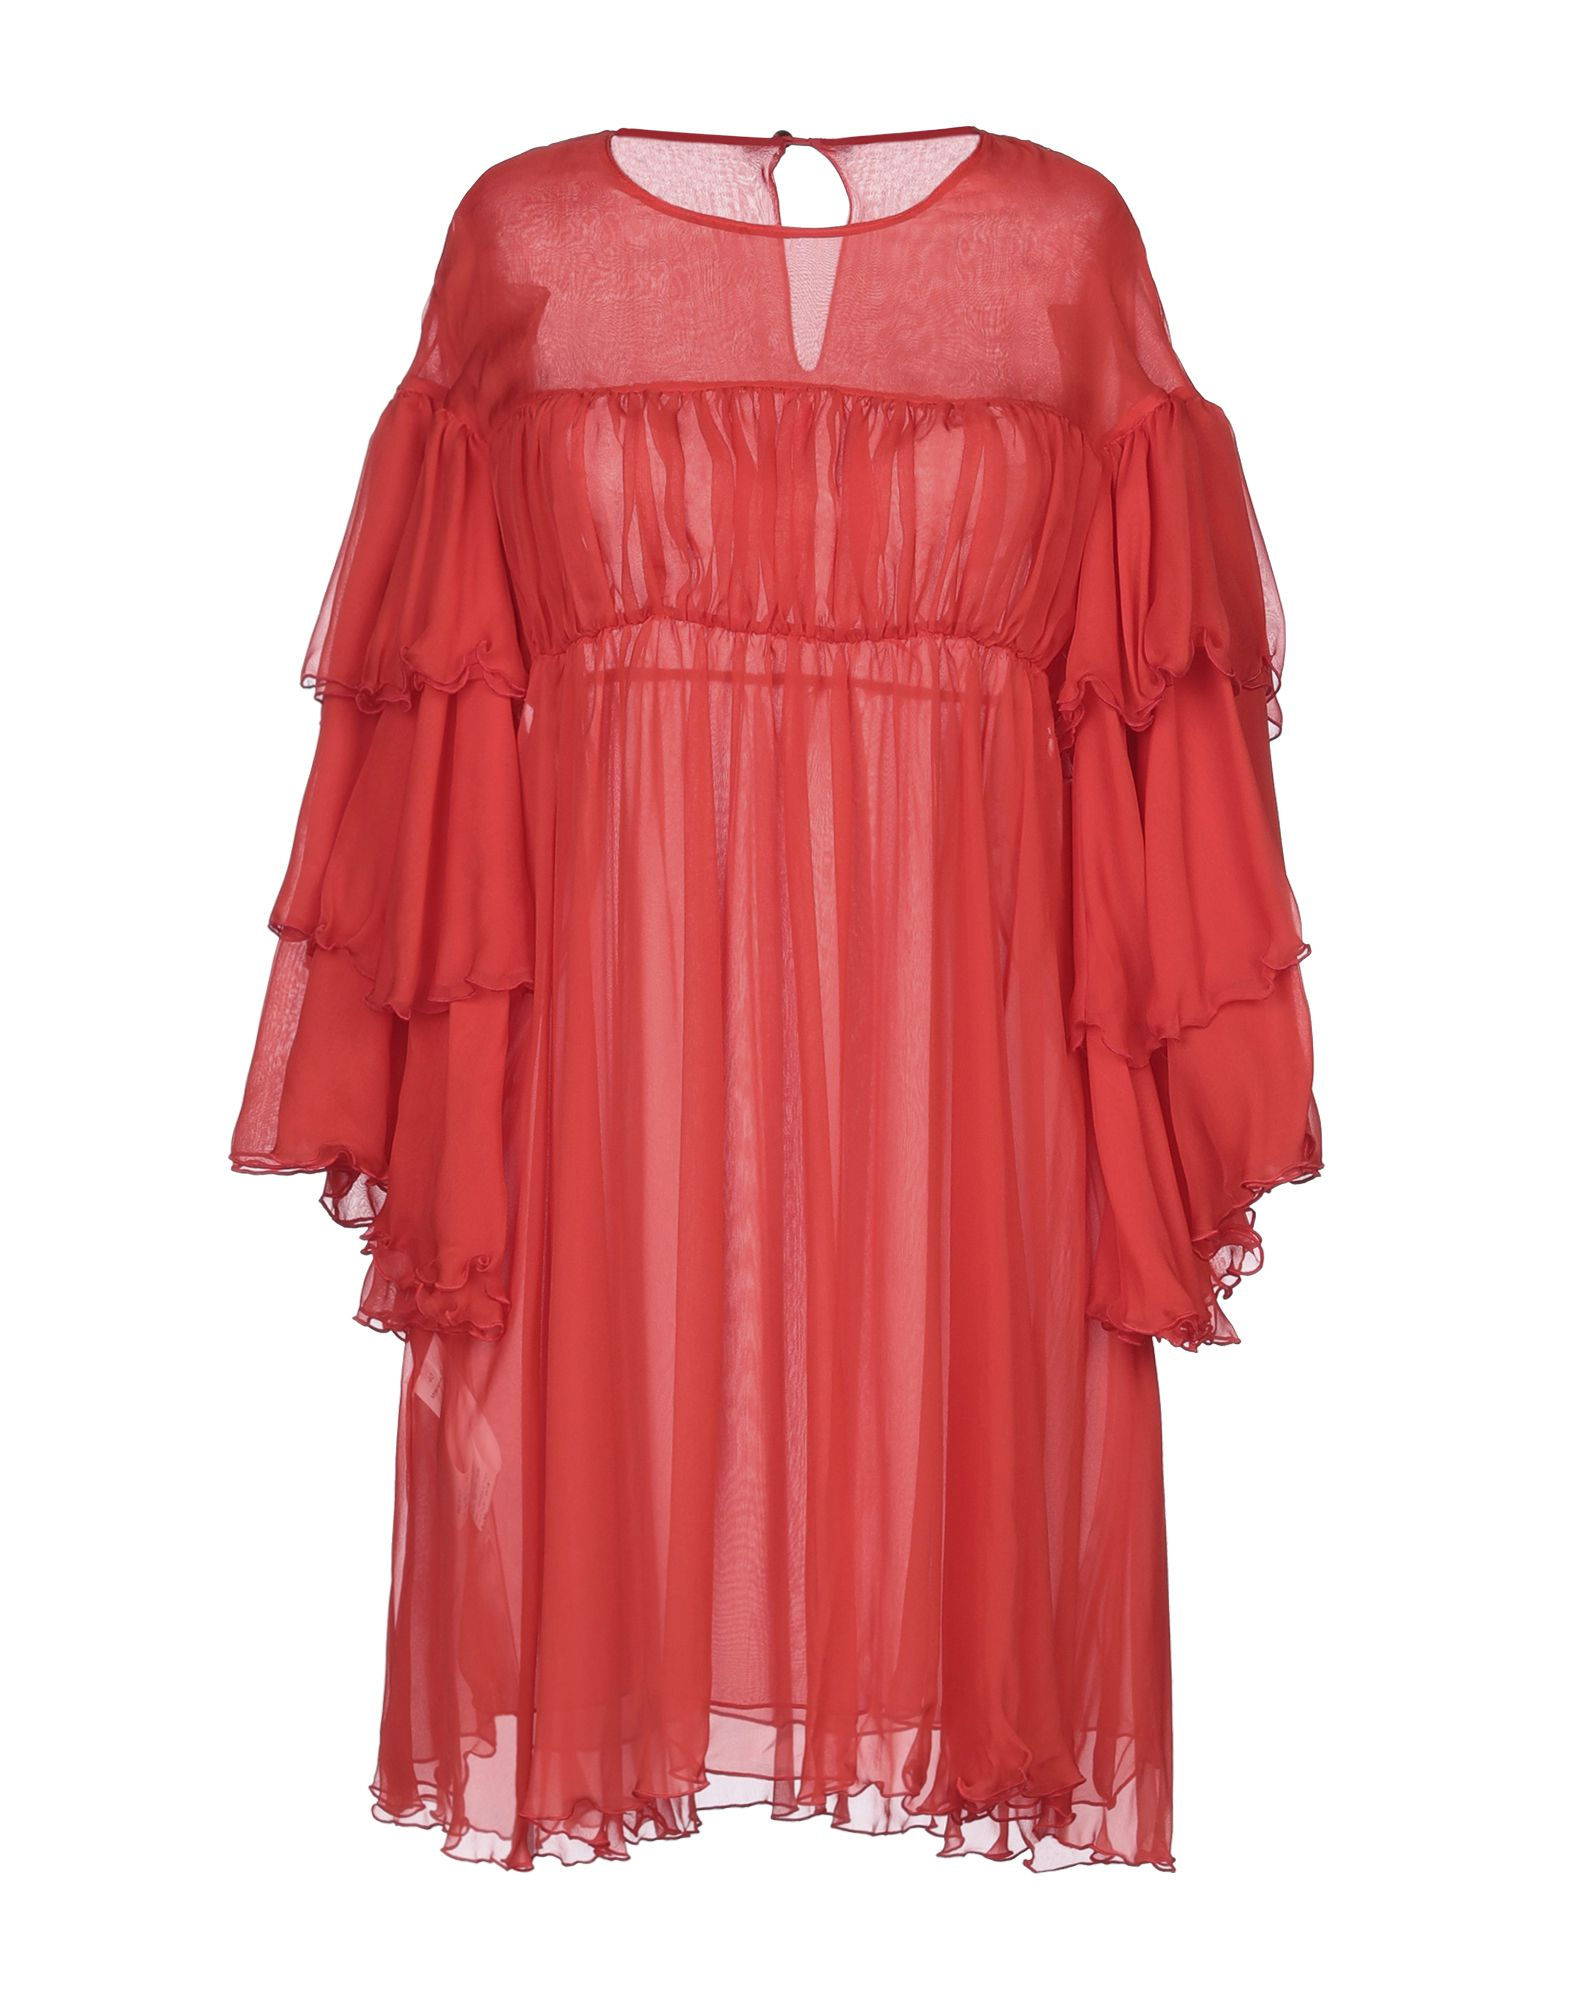 lucille блузка LUCILLE Короткое платье